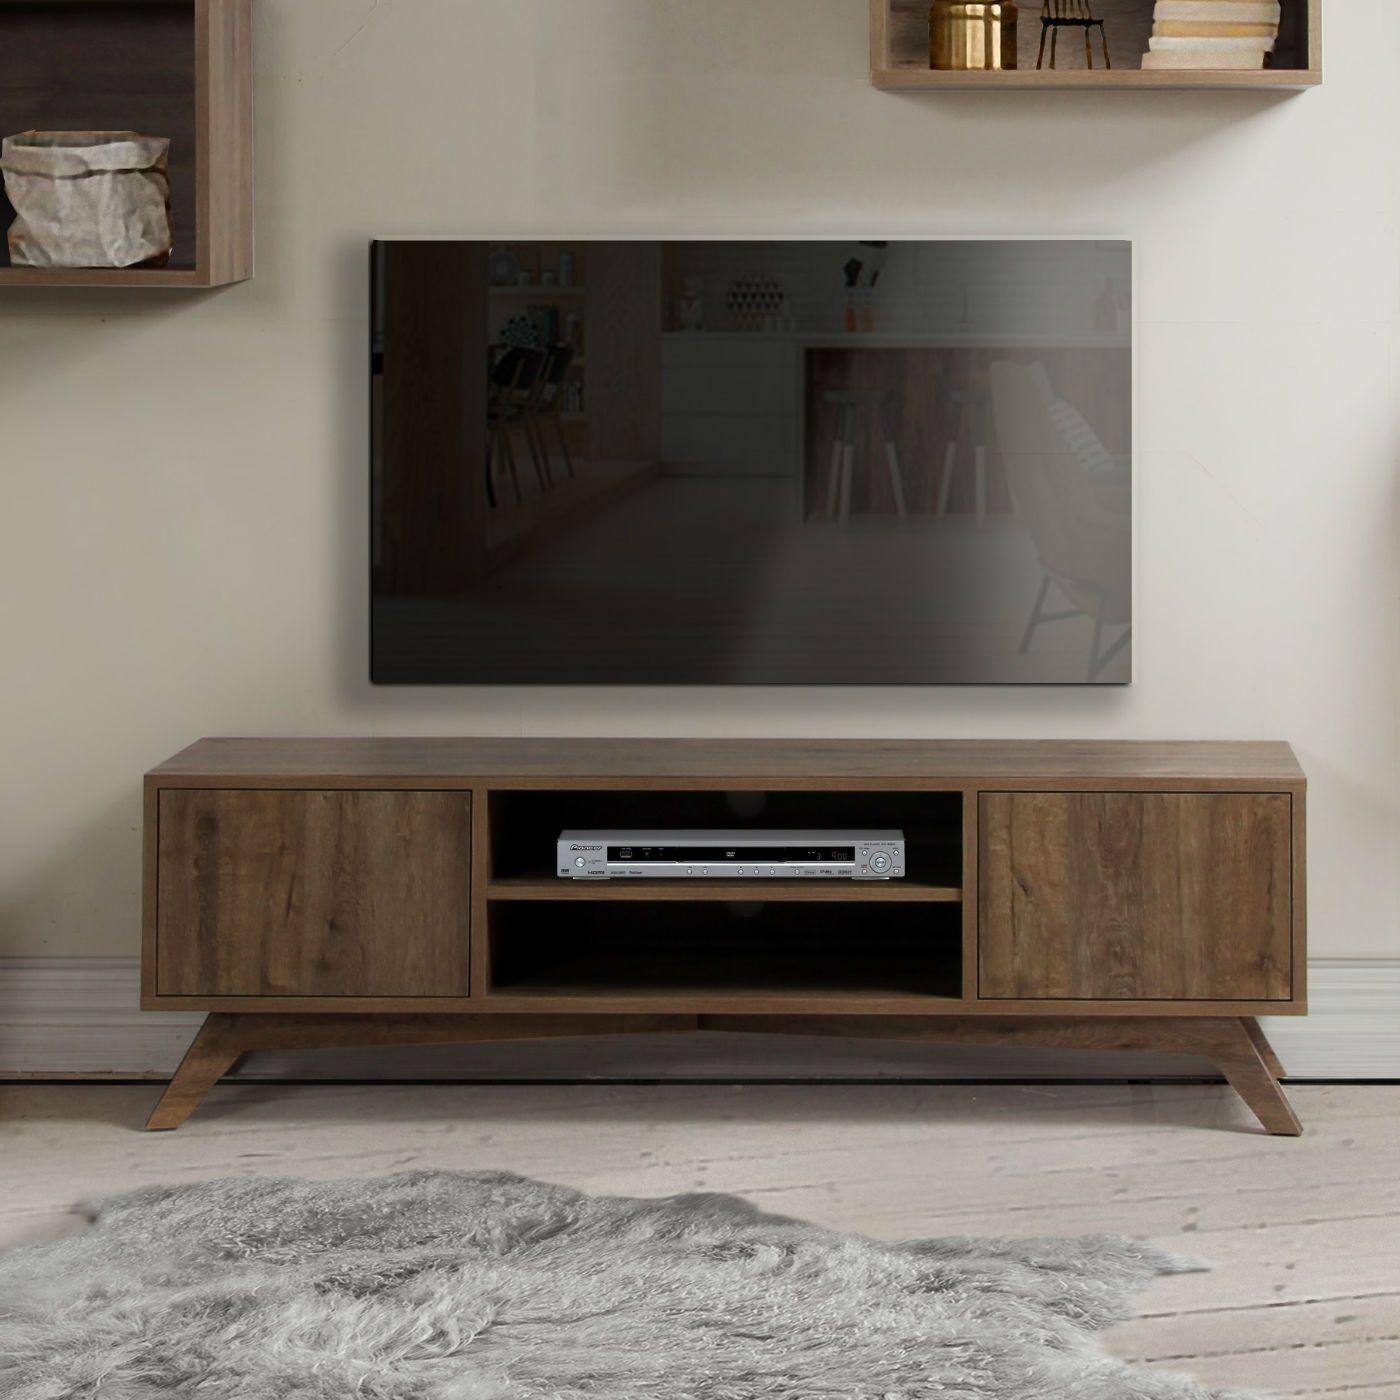 Meuble Tv Design Scandinave Brin D Ouest Meuble Tv Design Meuble Tv Deco Meuble Tele